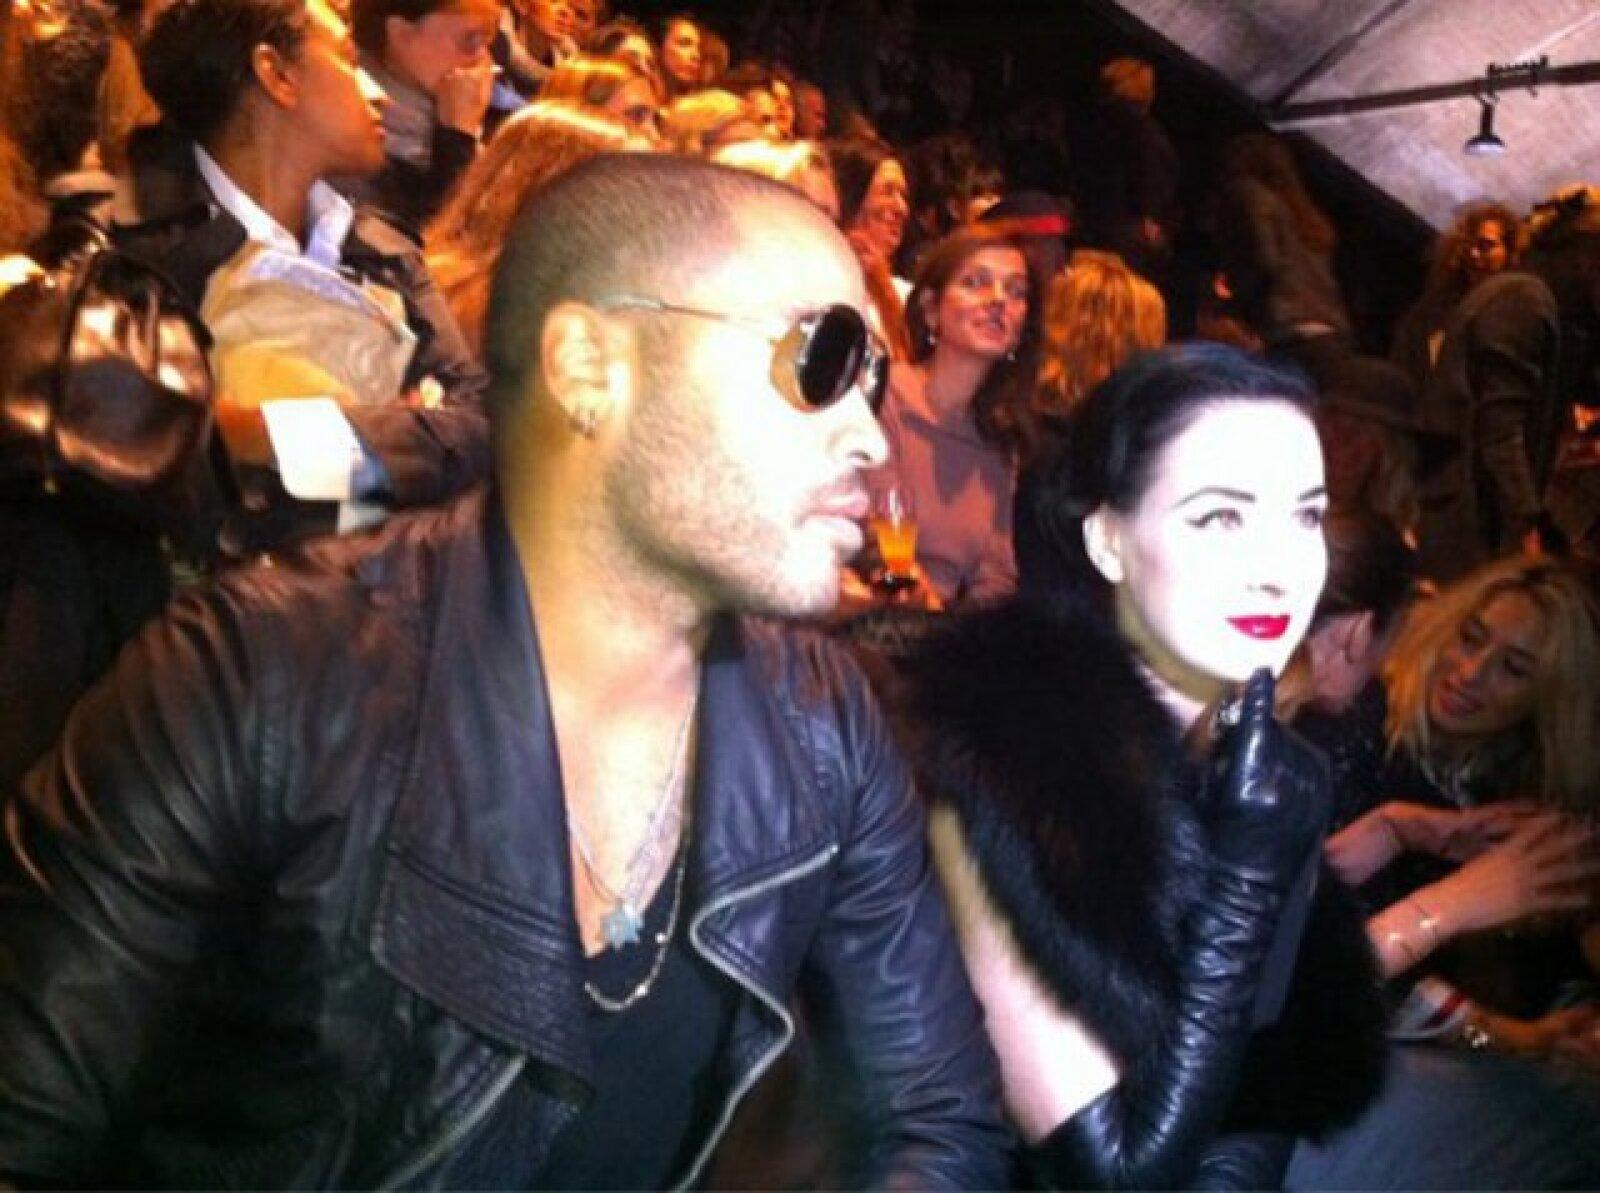 Lenny Kravitz junto a Dita Von Teese en uno de los múltiples eventos que tienen, la foto fue tomada por @candyTman